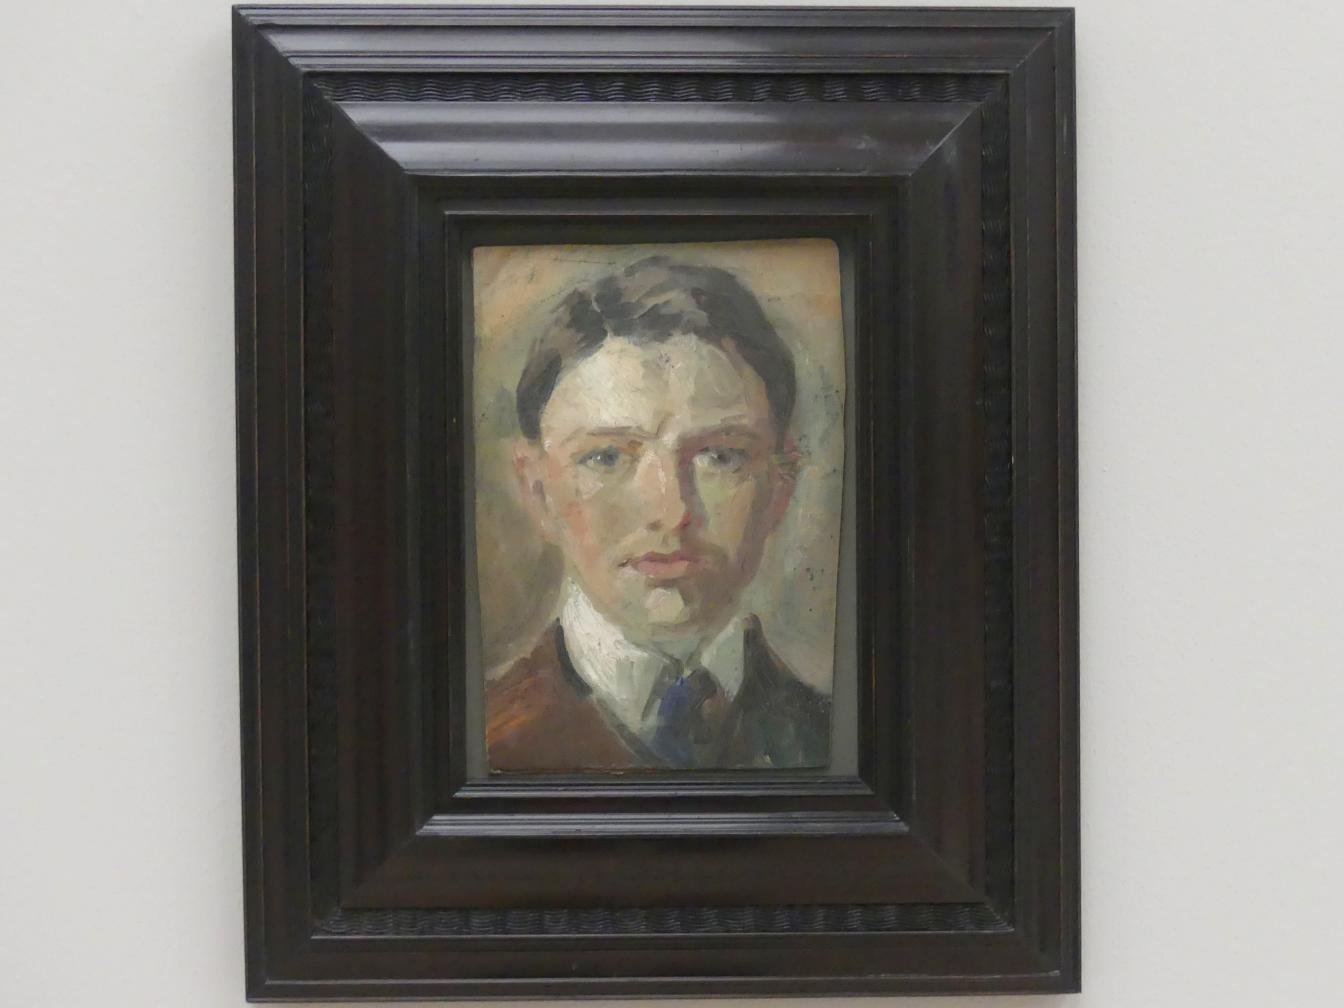 August Macke: Studie zu einem Selbstbildnis, 1907